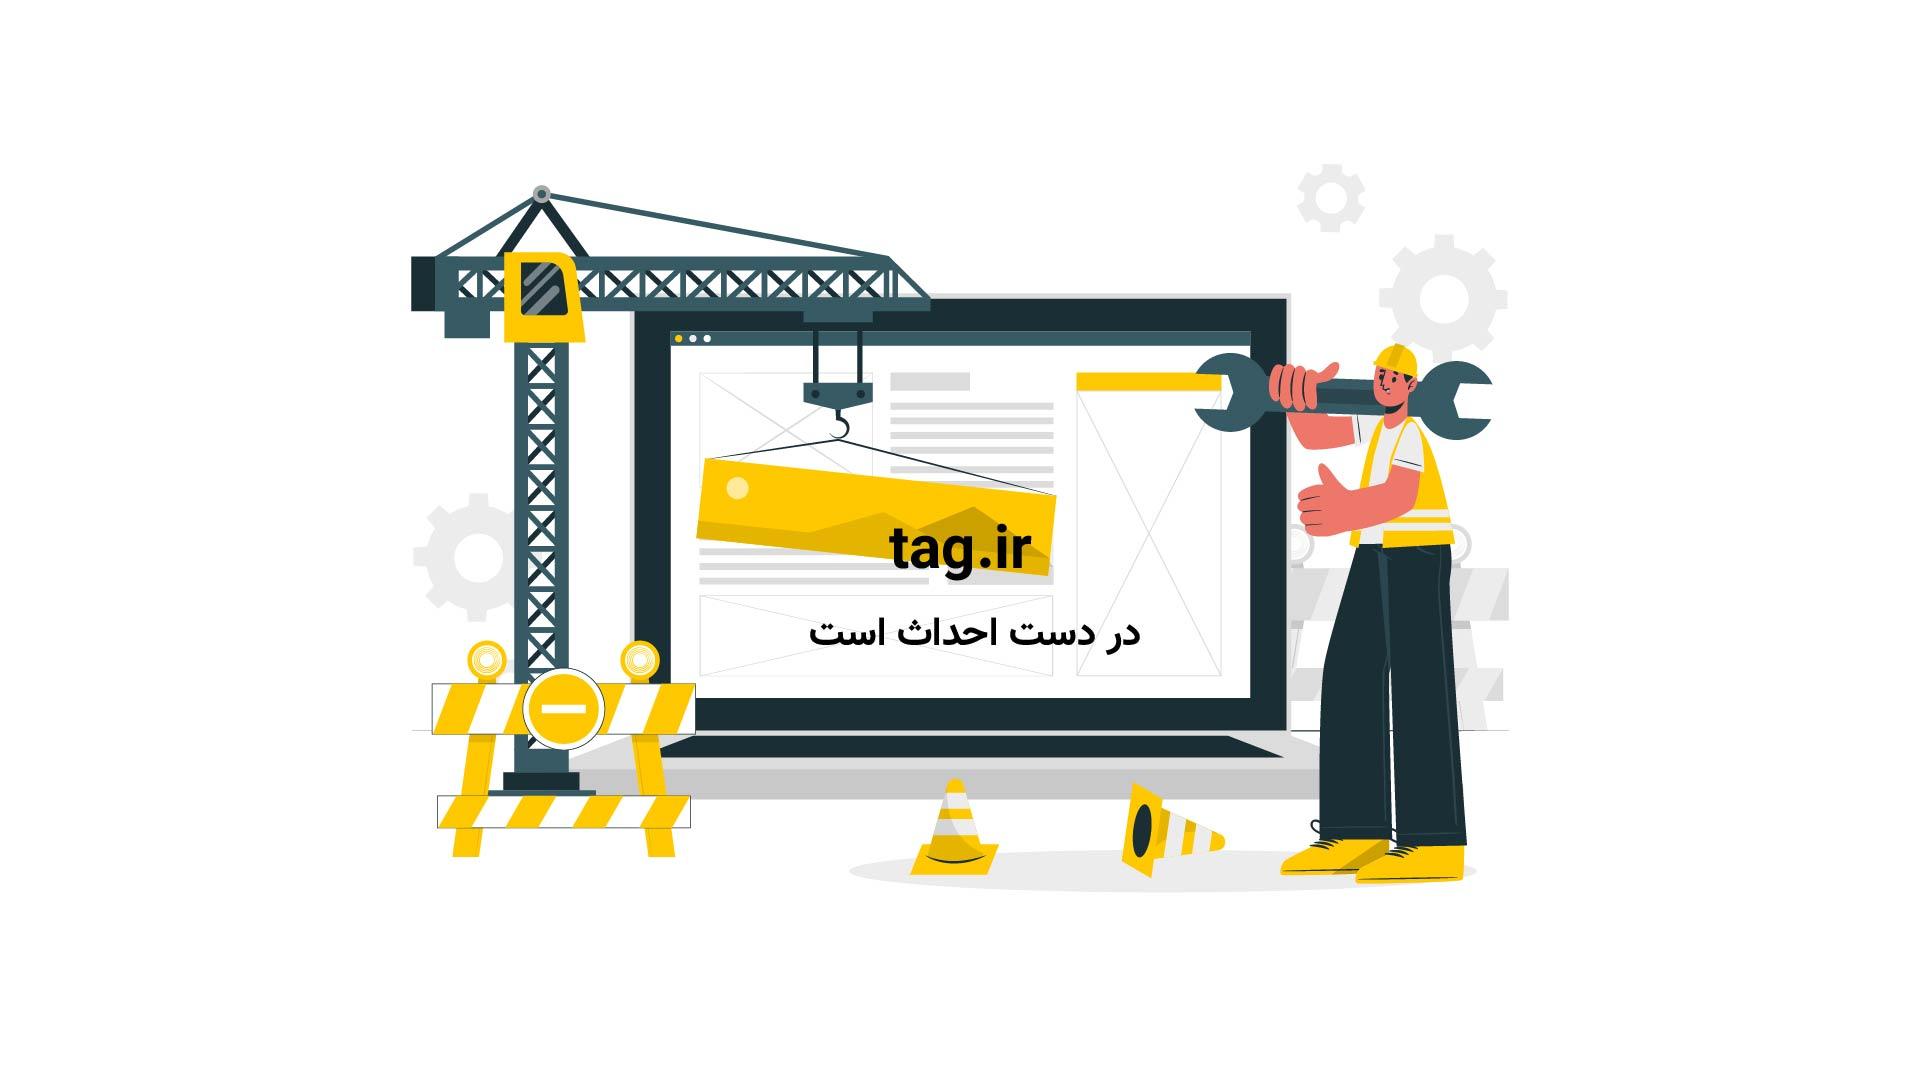 مسنترین خرس پاندای پدر جهان